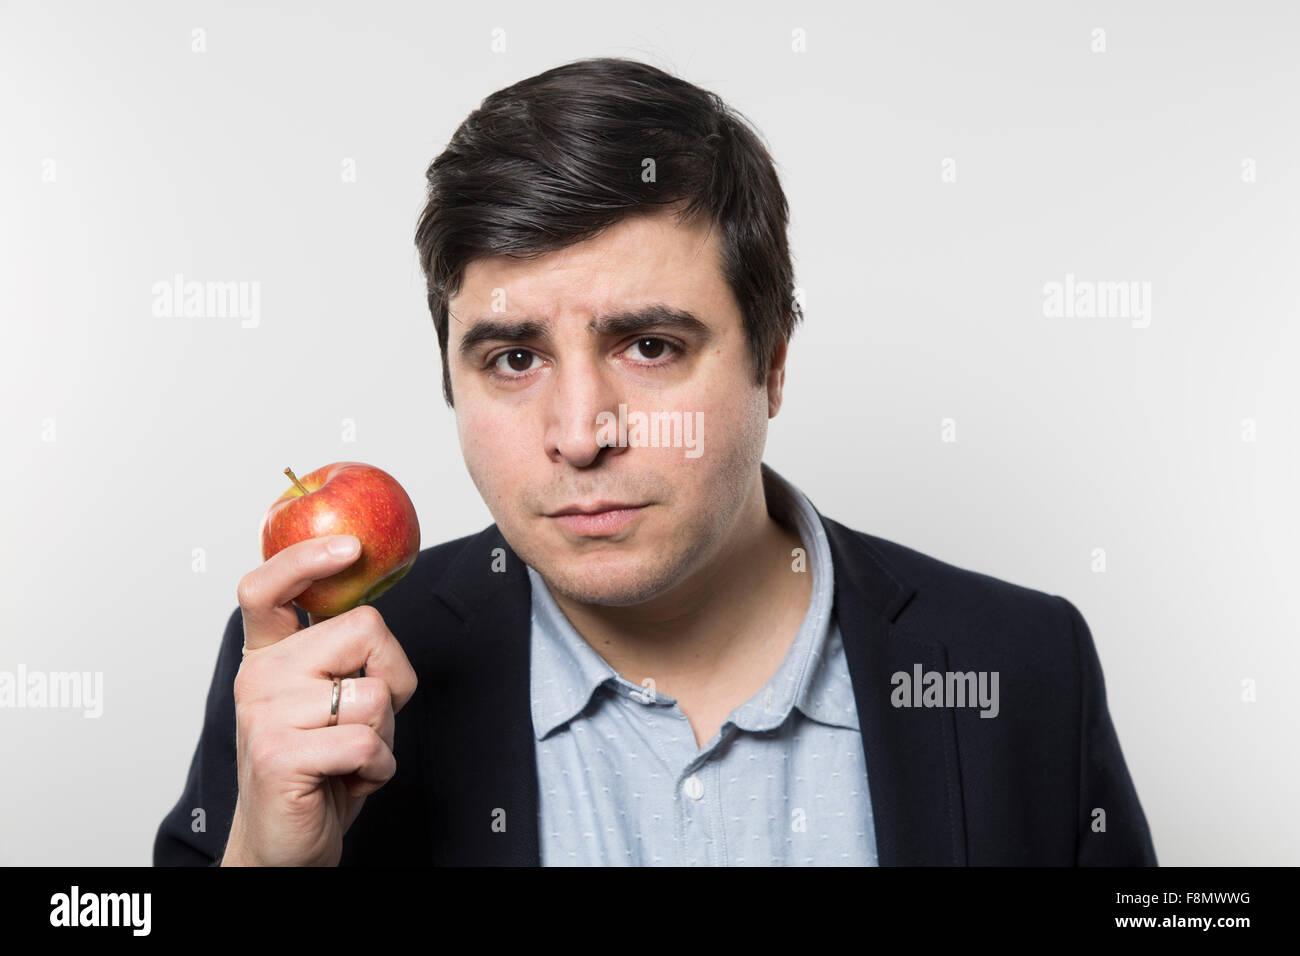 Dark-haired'businesmann avec un regard sérieux tenir une petite pomme alors qu'en face d'un gradient Photo Stock